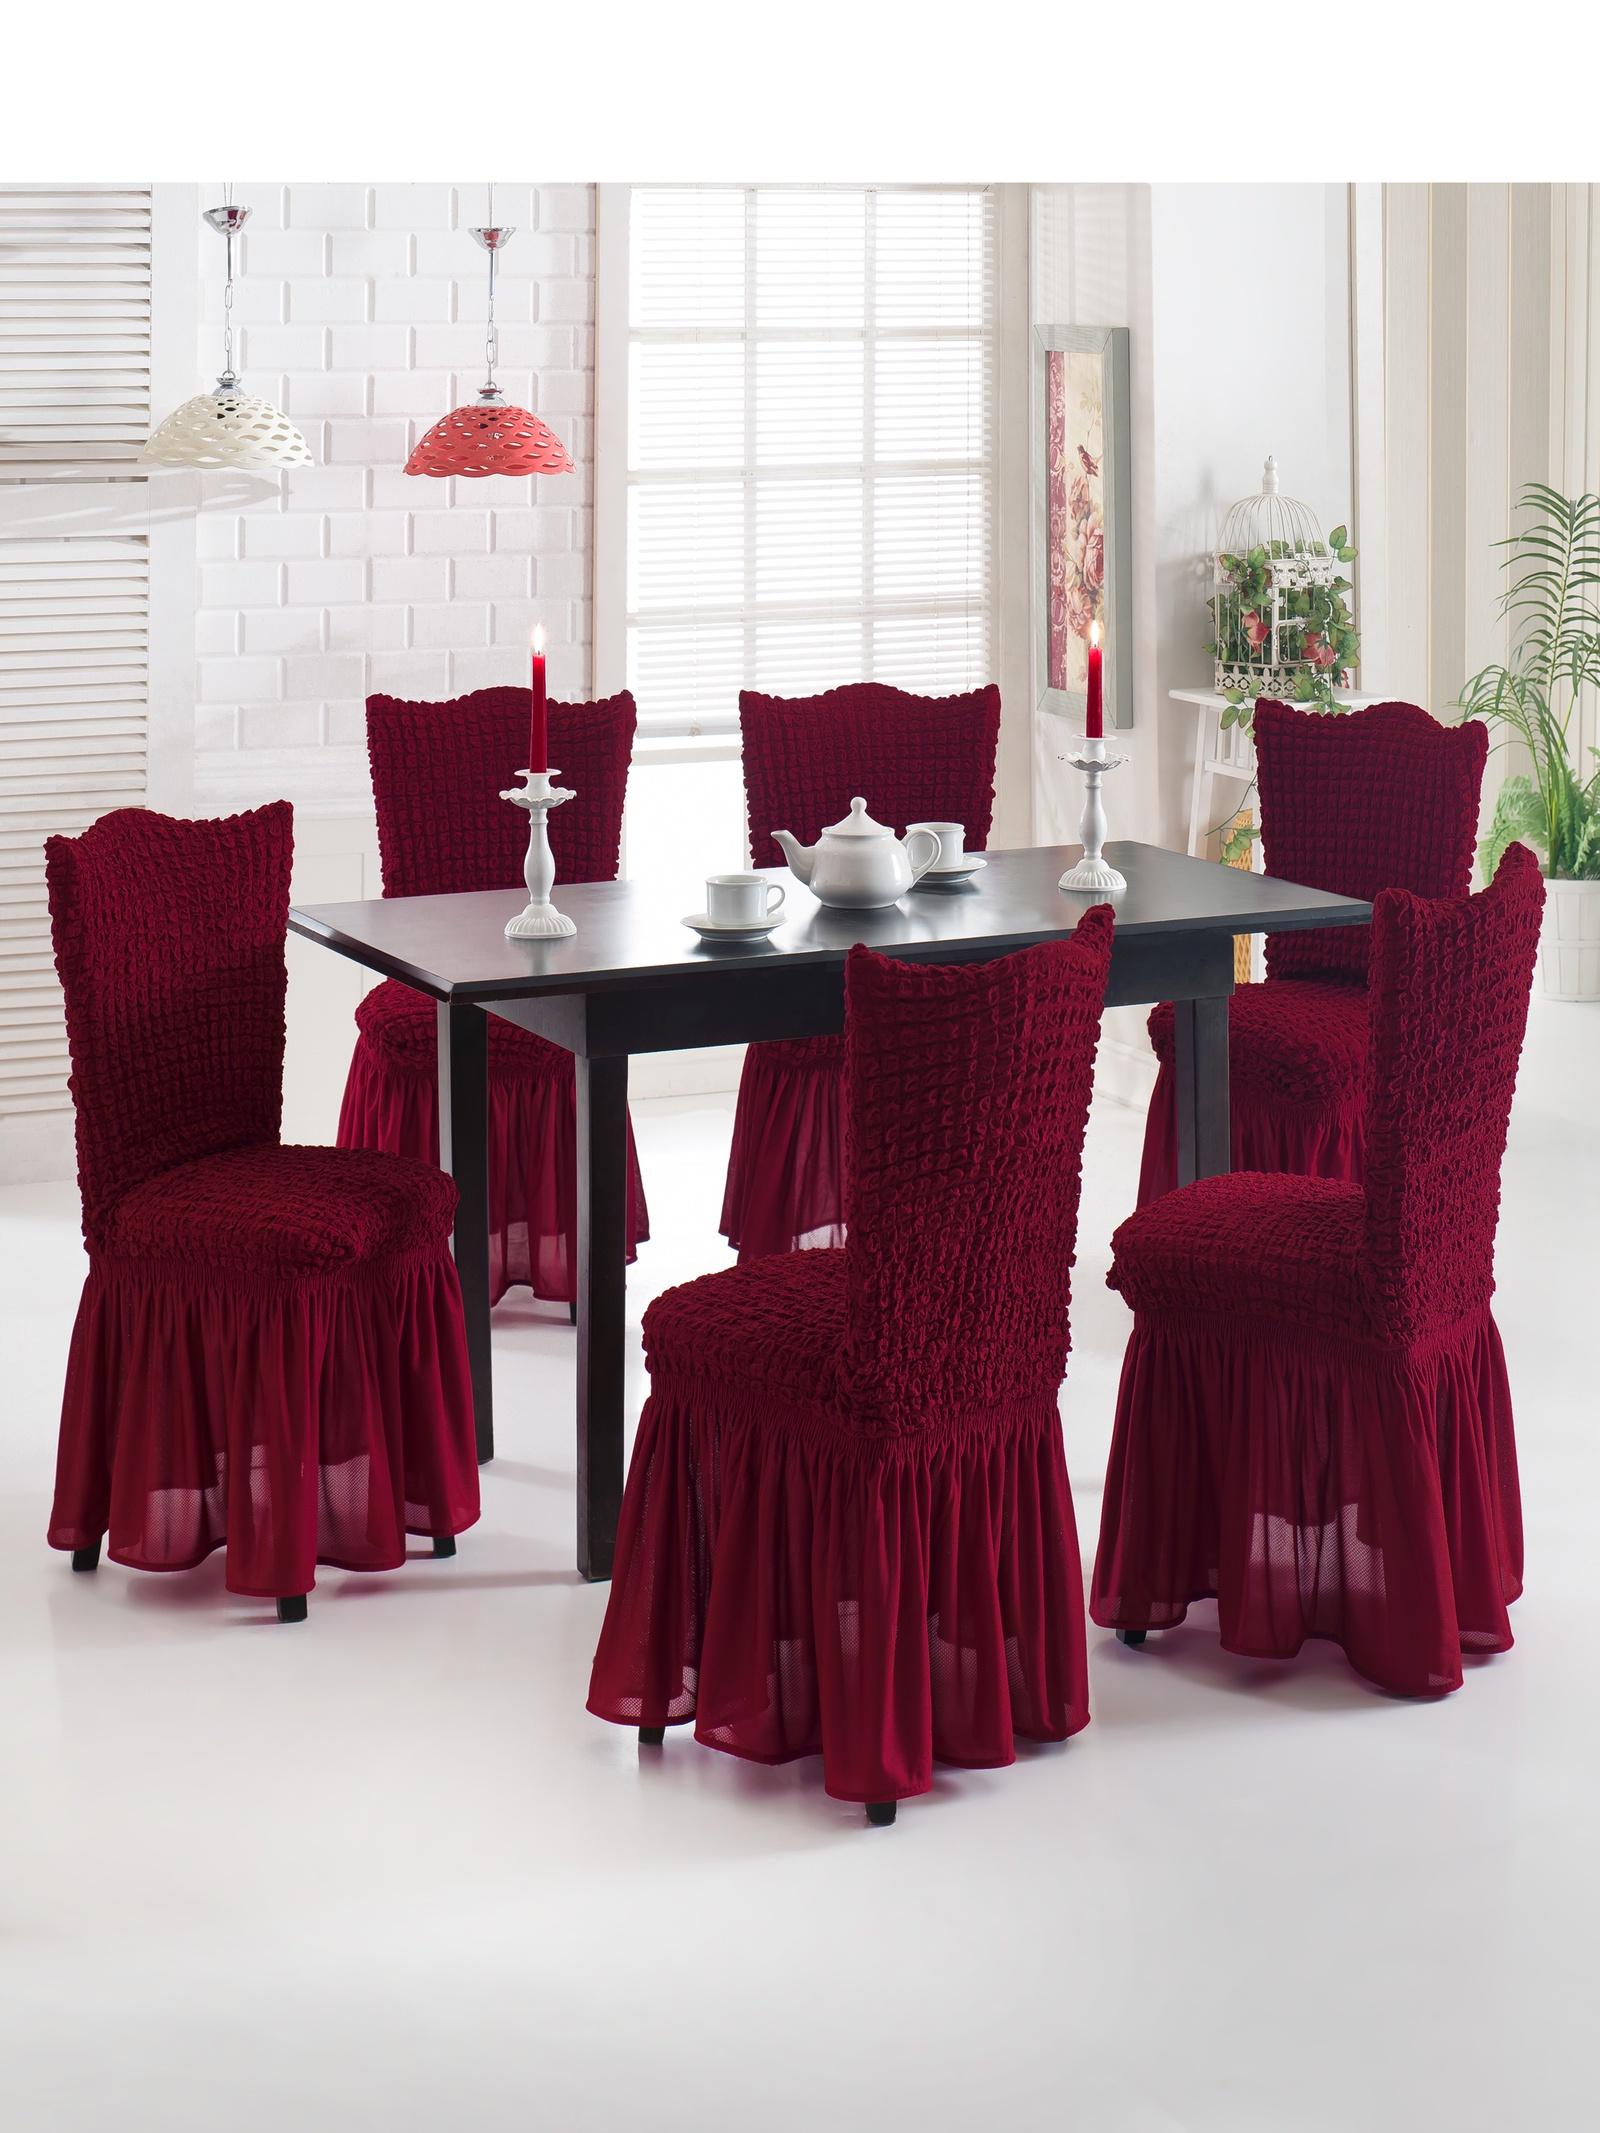 Чехол на мебель JUANNA Чехлы на стулья (6 шт.) JUANNA_бордовый, бордовый